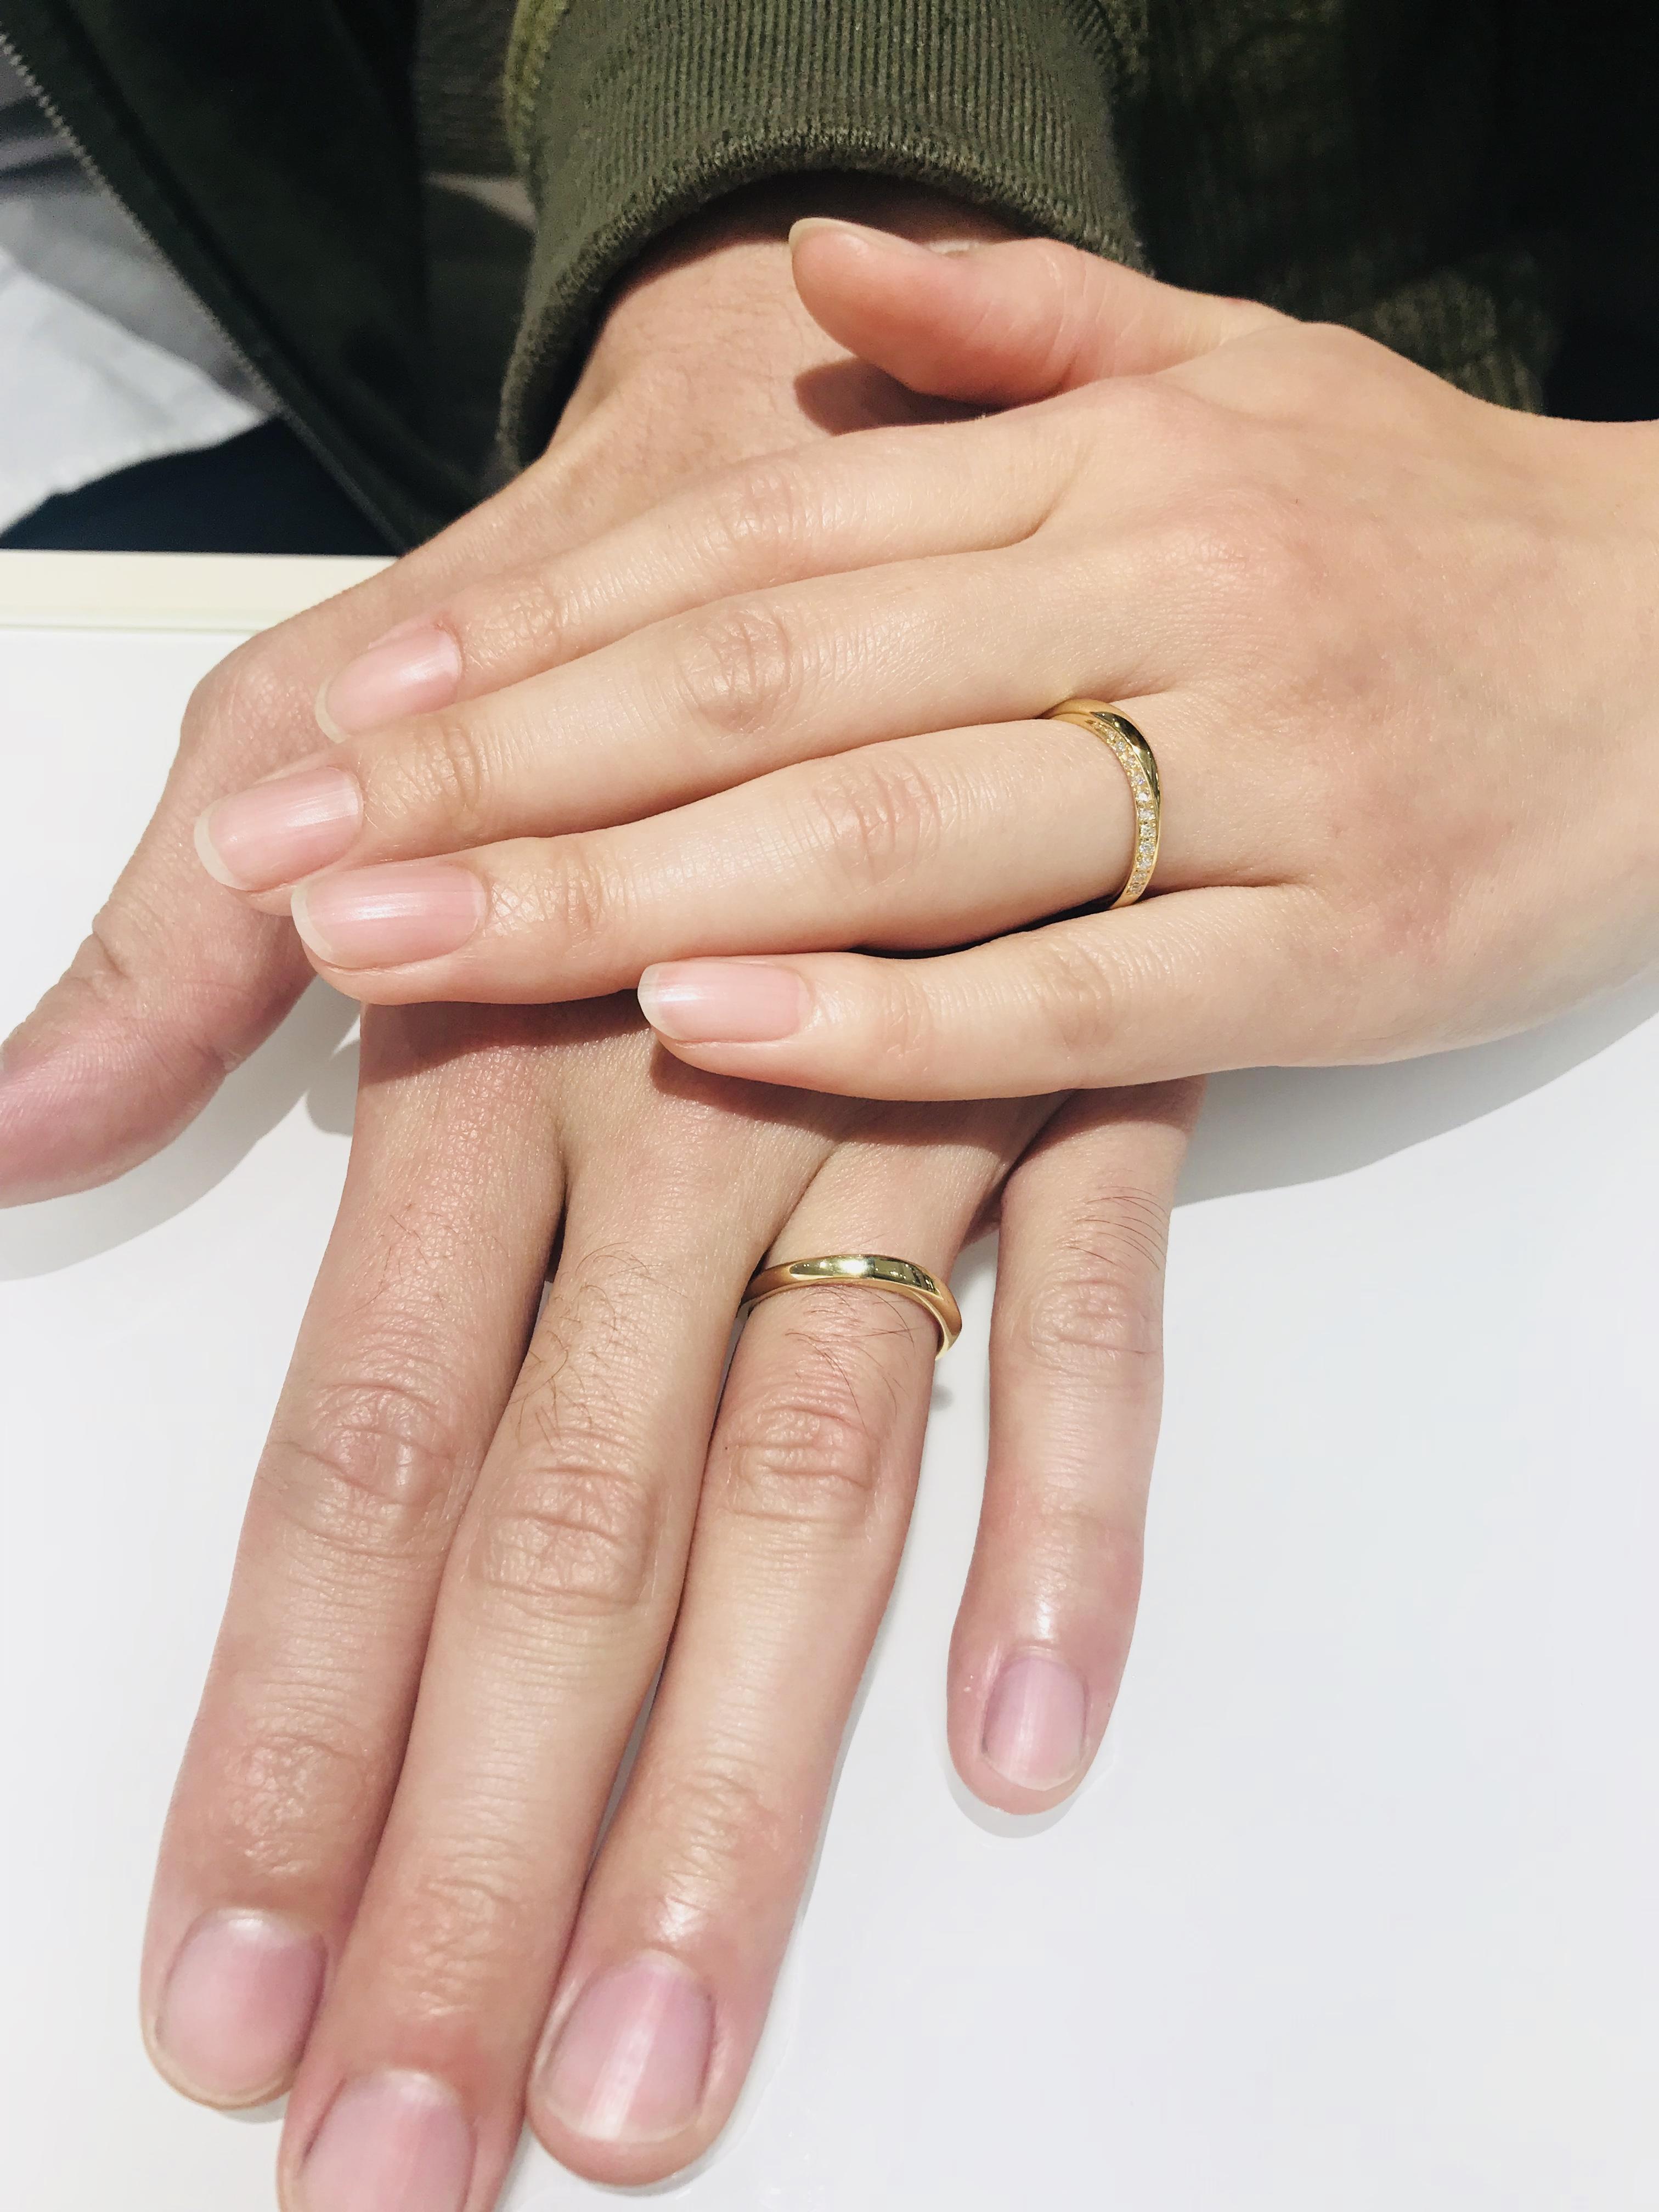 俄(にわか)の結婚指輪「凛」をイエローゴールドで⭐︎(新潟市/T様・Y様)